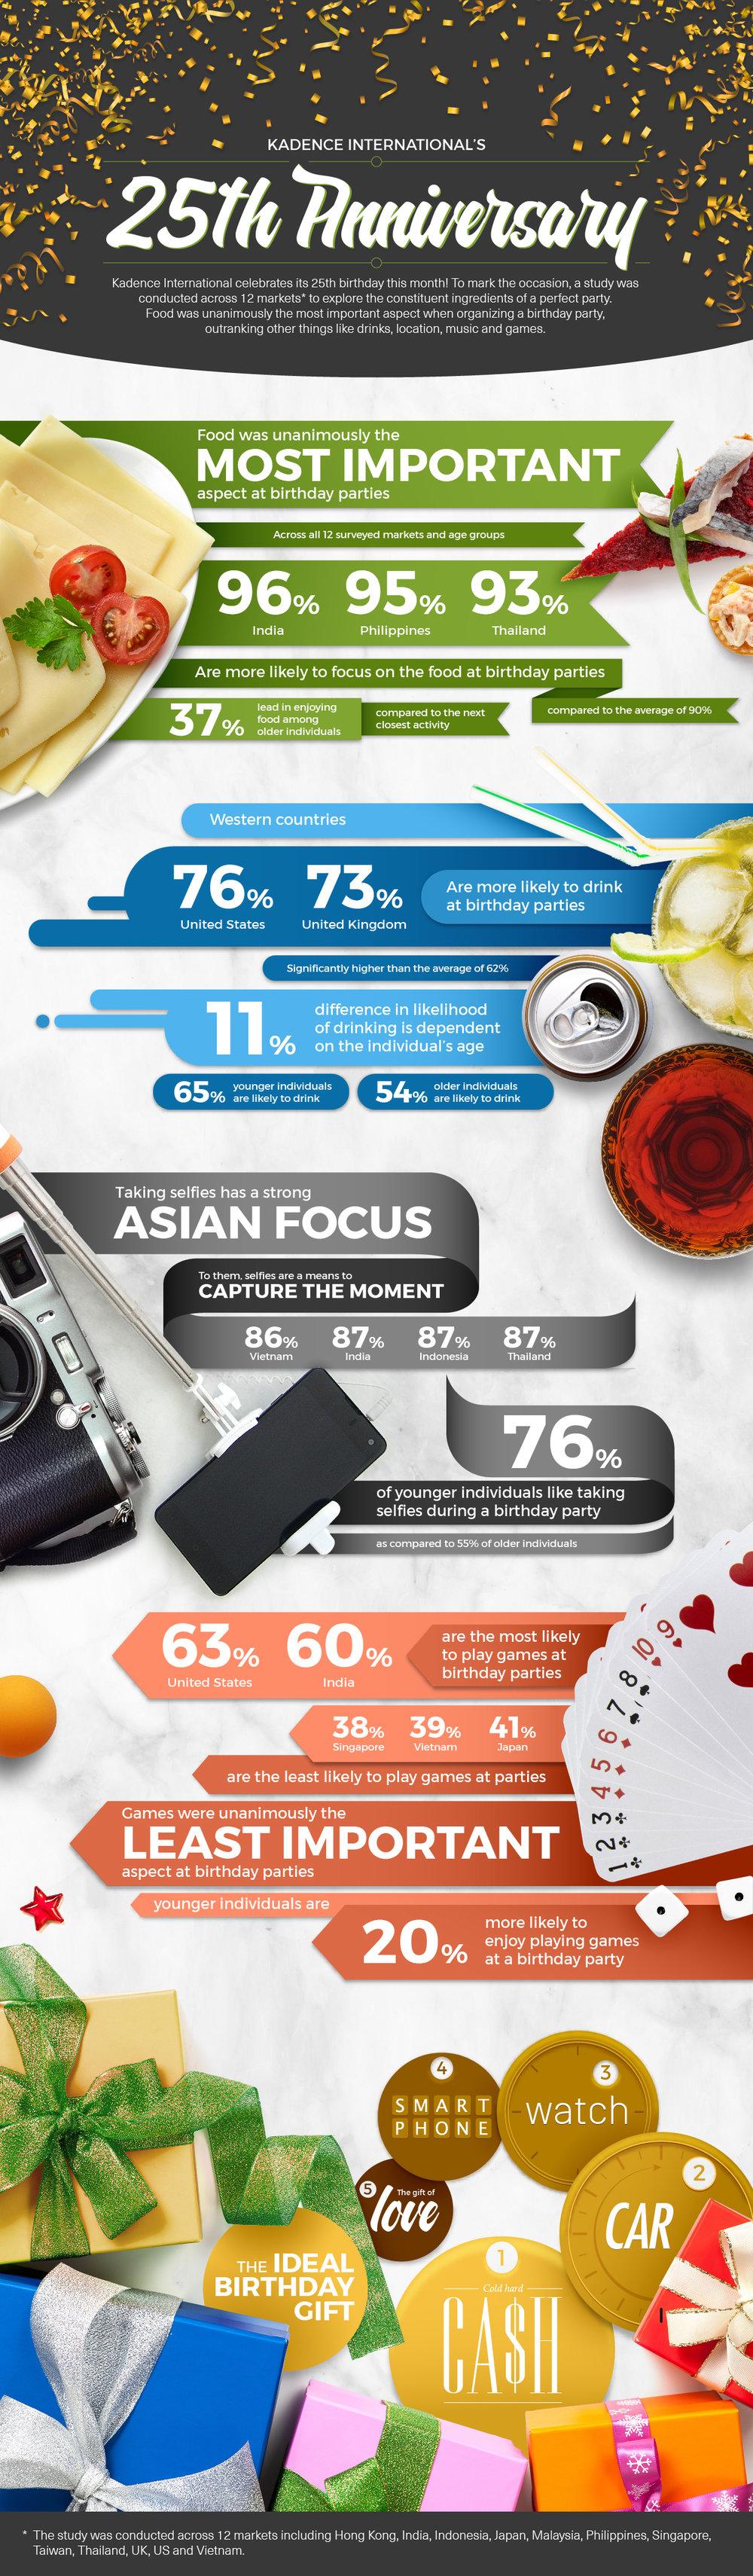 KadSG PR infographics - 25th anniversary infographics